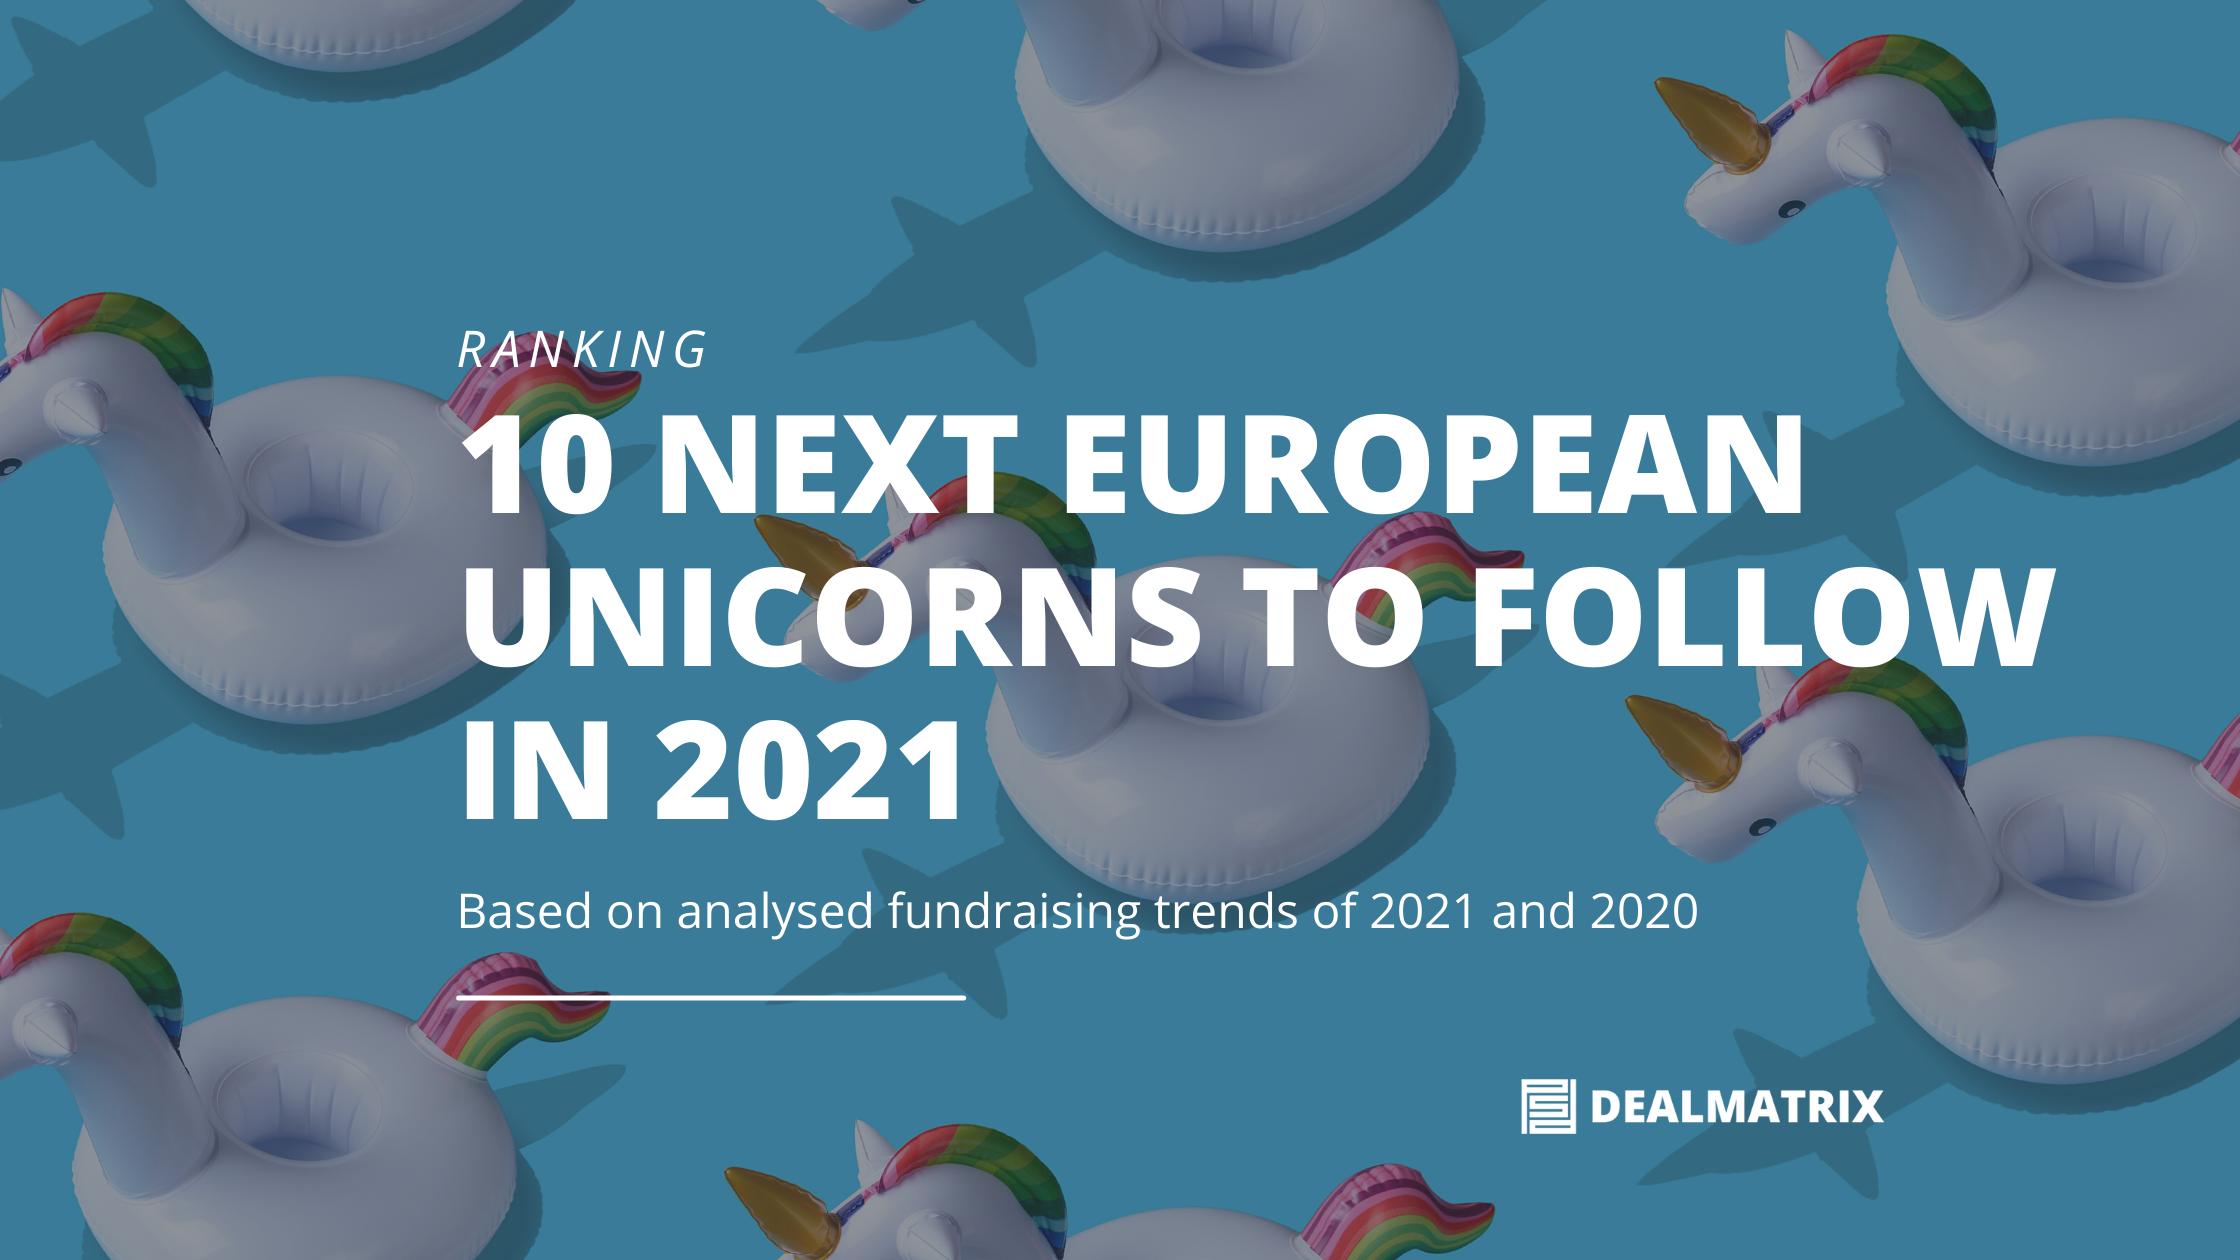 unicorns 2021